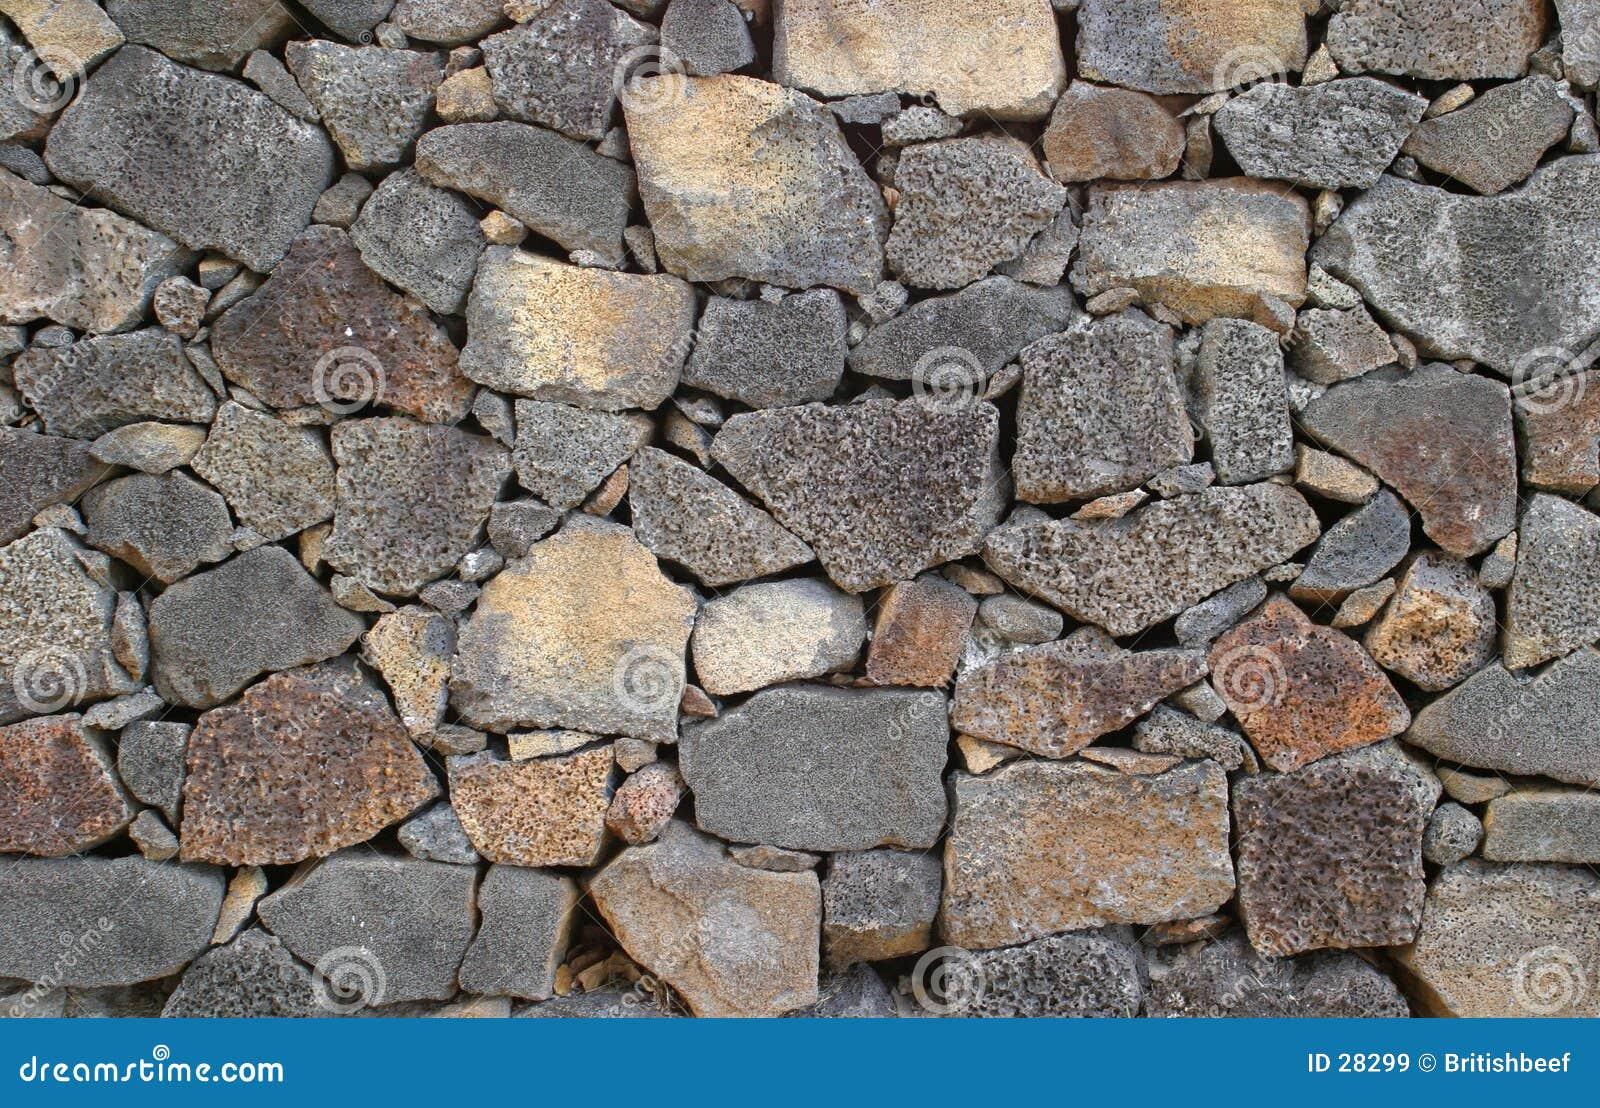 ηφαιστειακός τοίχος βράχου